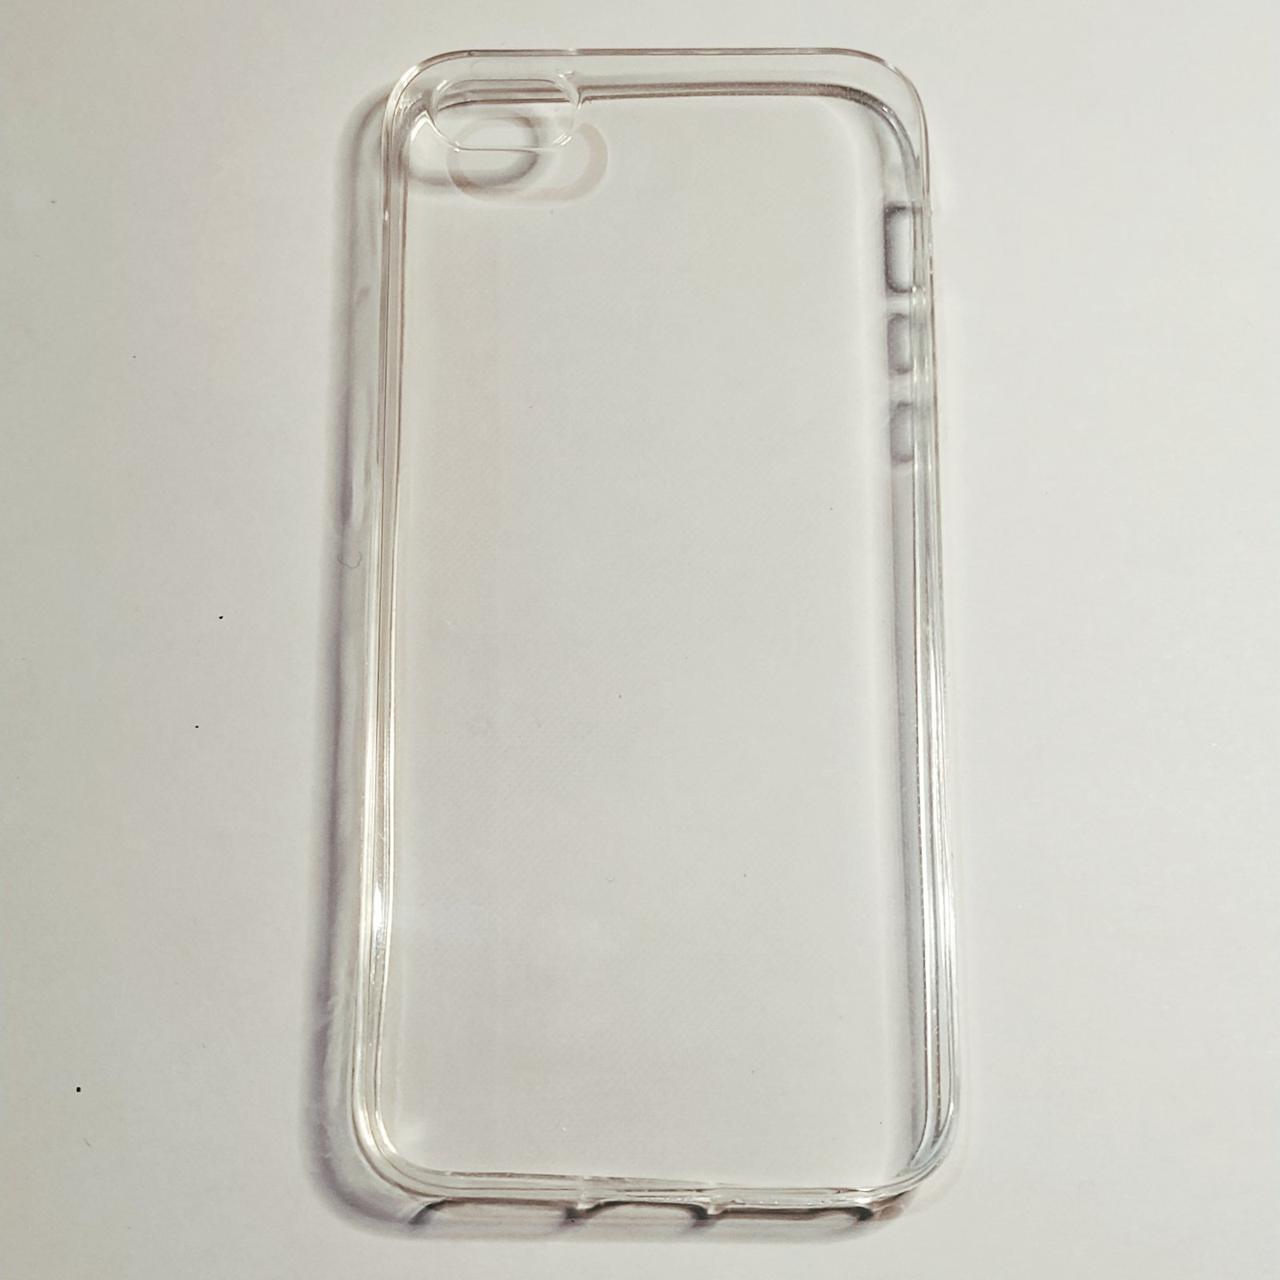 Бампер для iPhone 5/5S/5SE Прозорий силіконовий